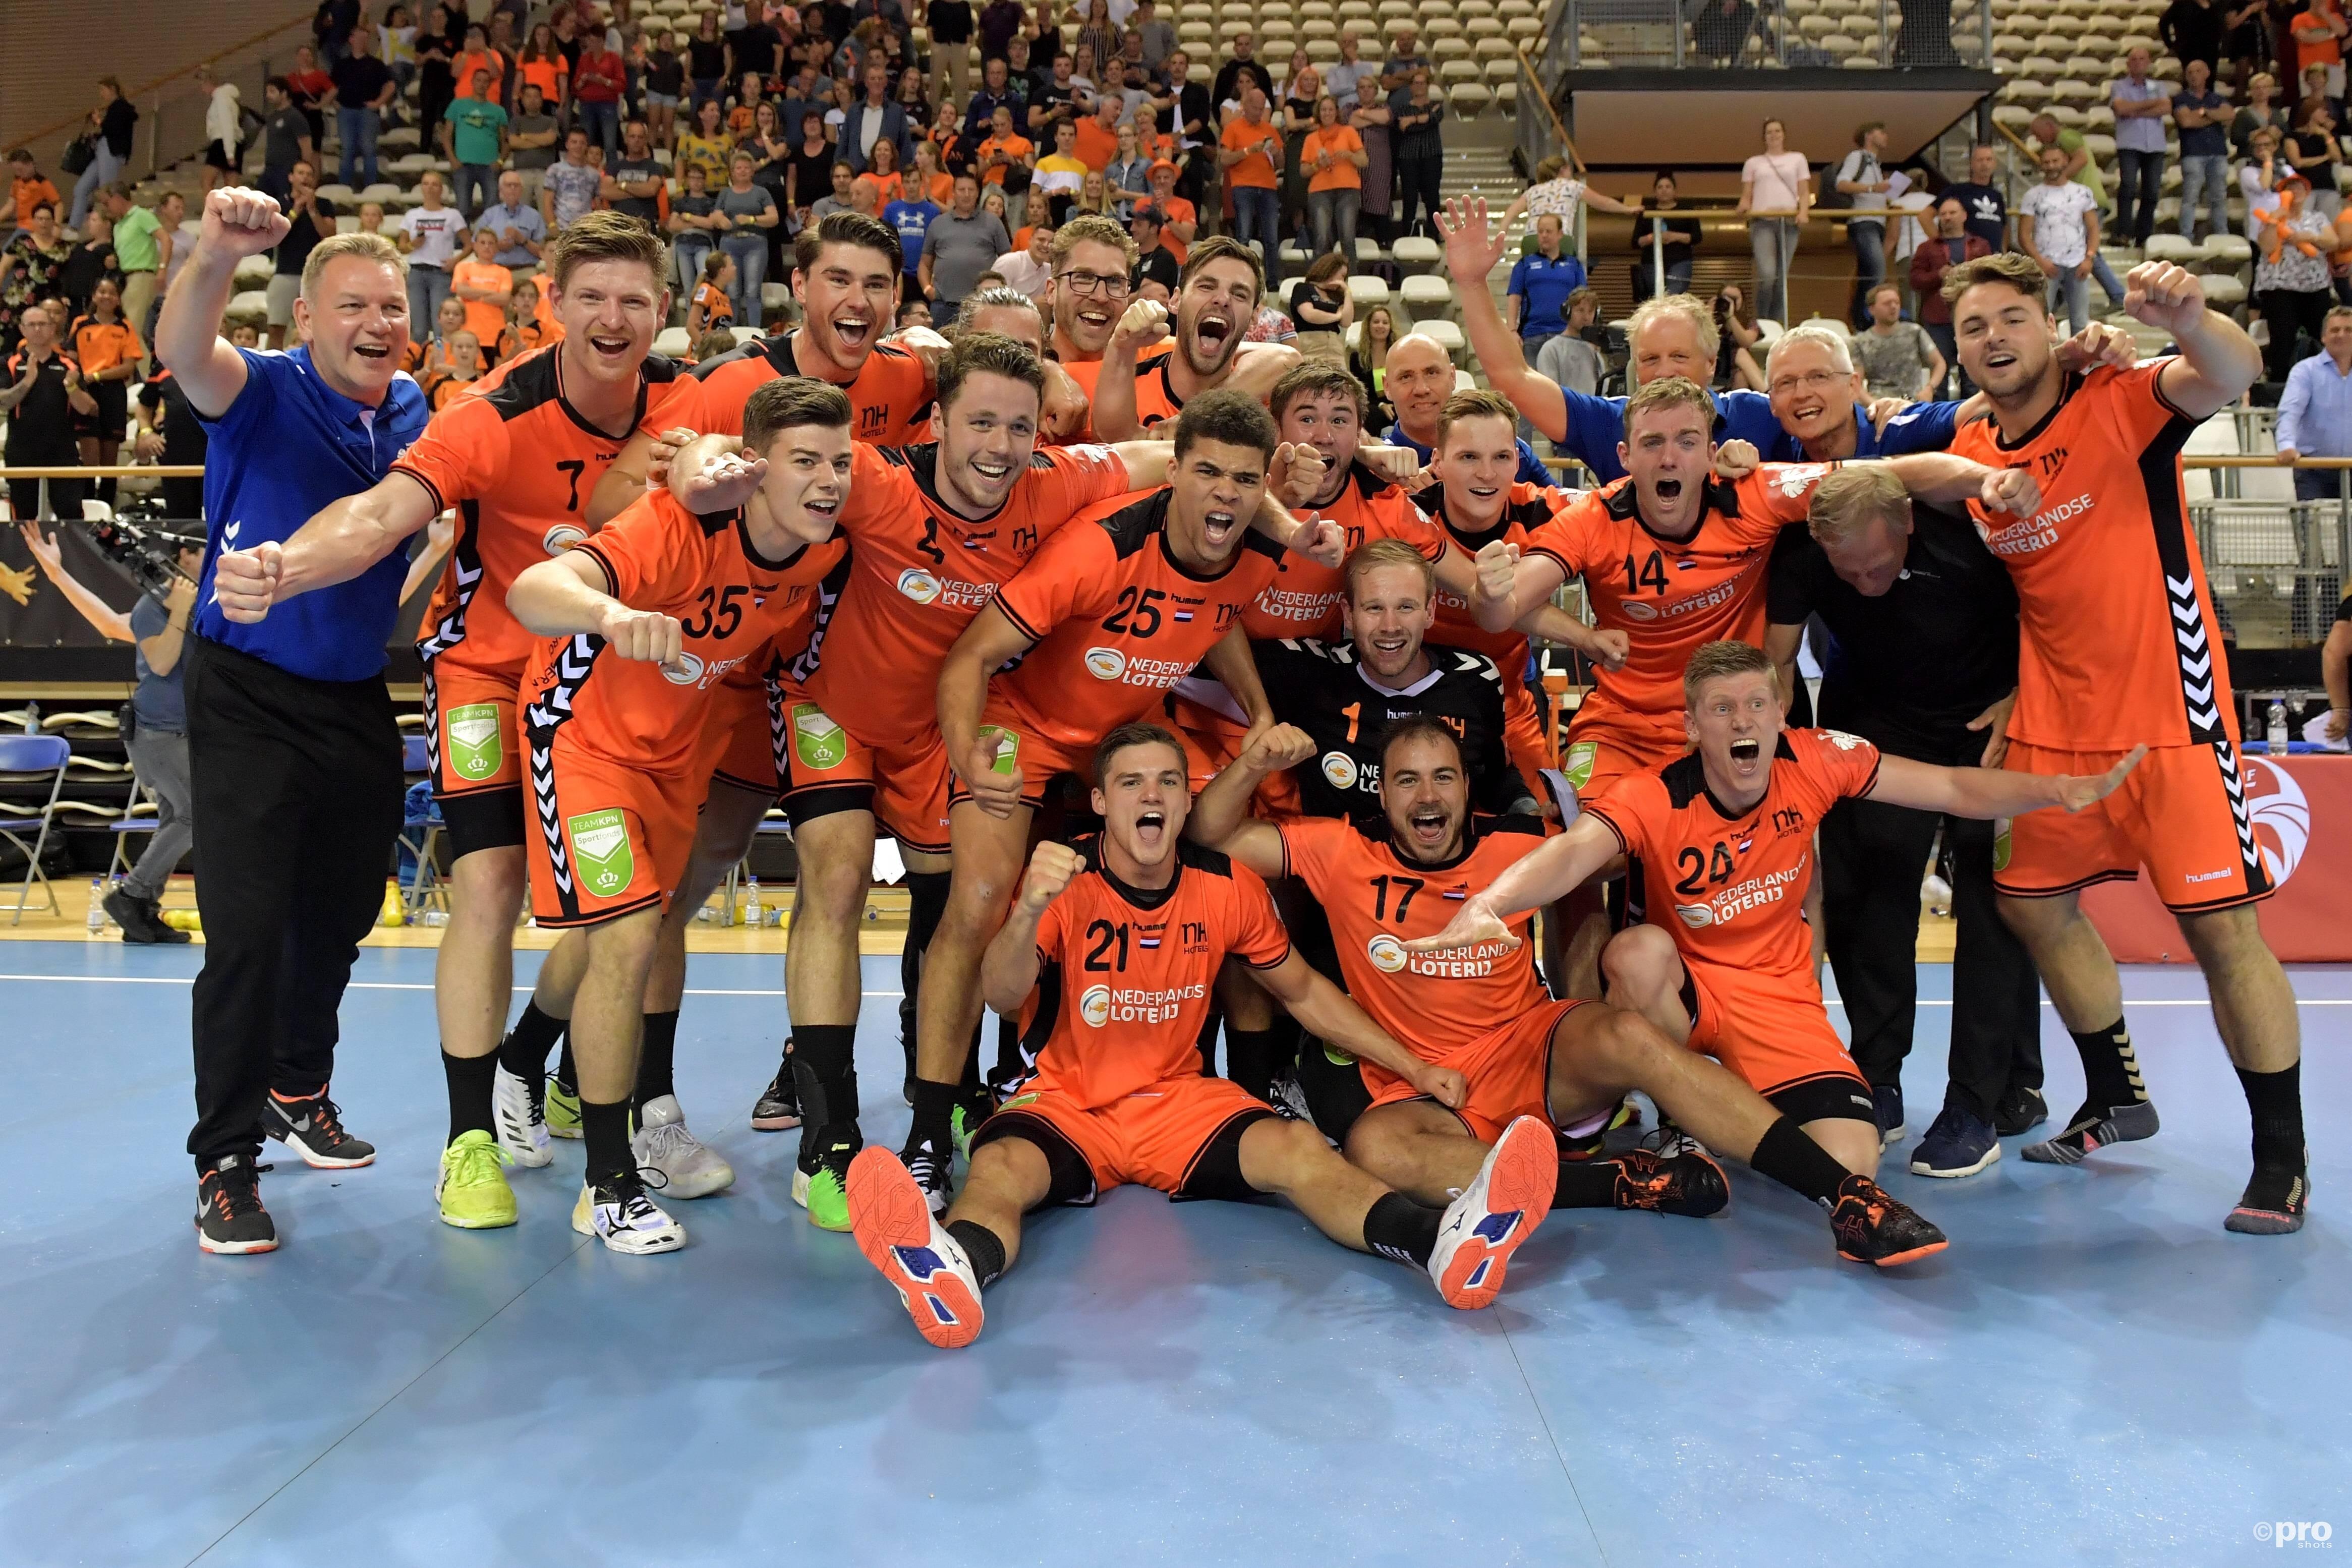 Blijdschap bij het Nederlandse team na kwalificatie voor het EK (Pro Shots / Imago)